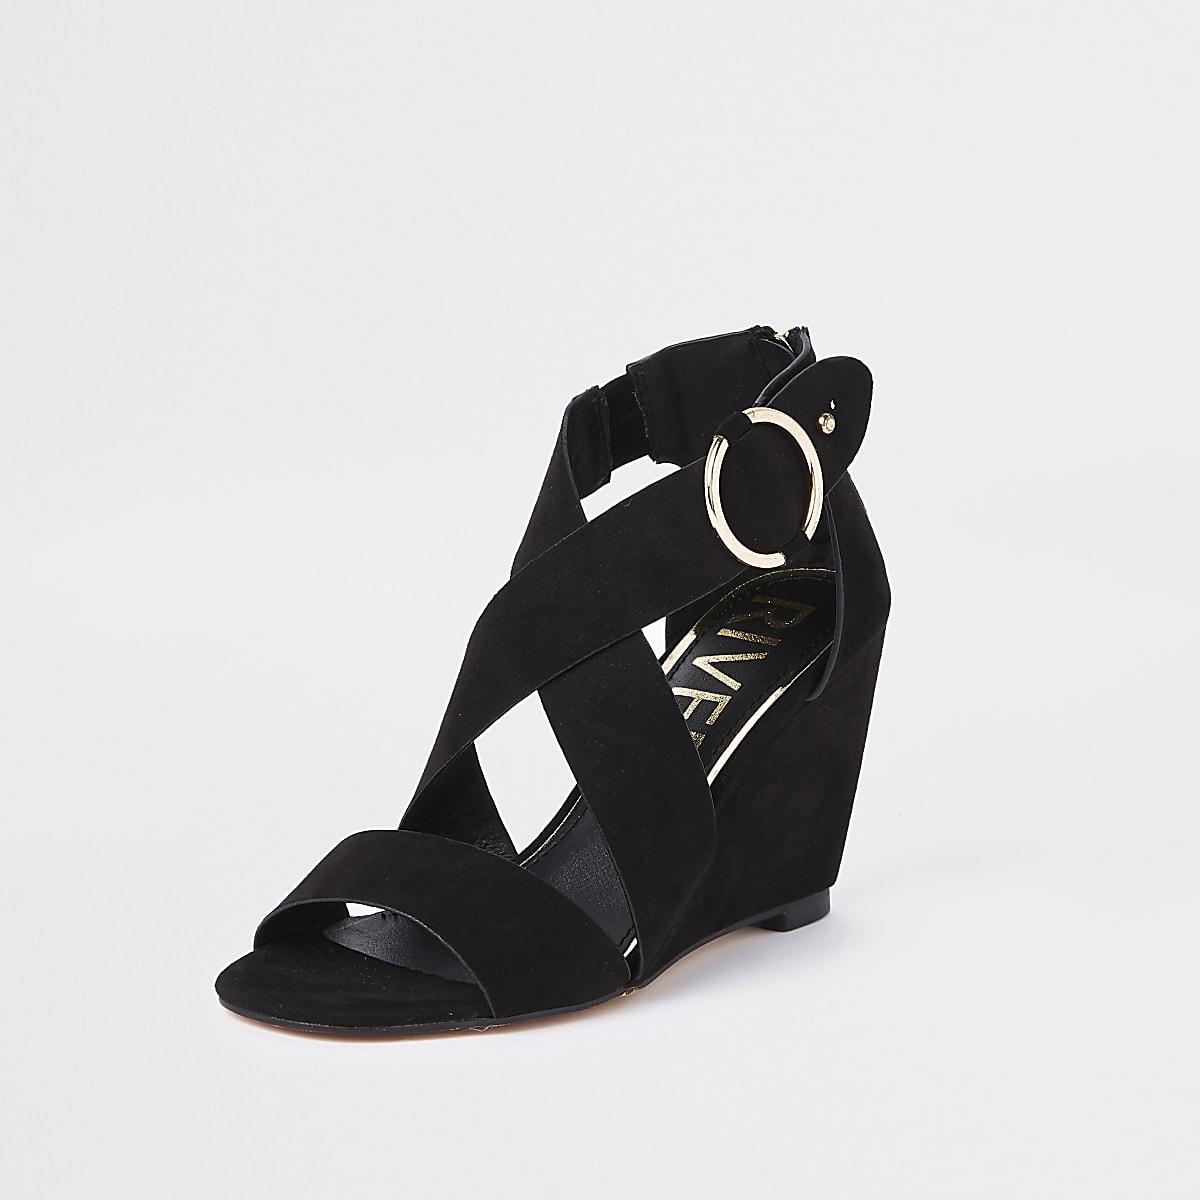 bfba67d0da4cd0 Sandales compensées noires avec brides croisées - Sandales ...